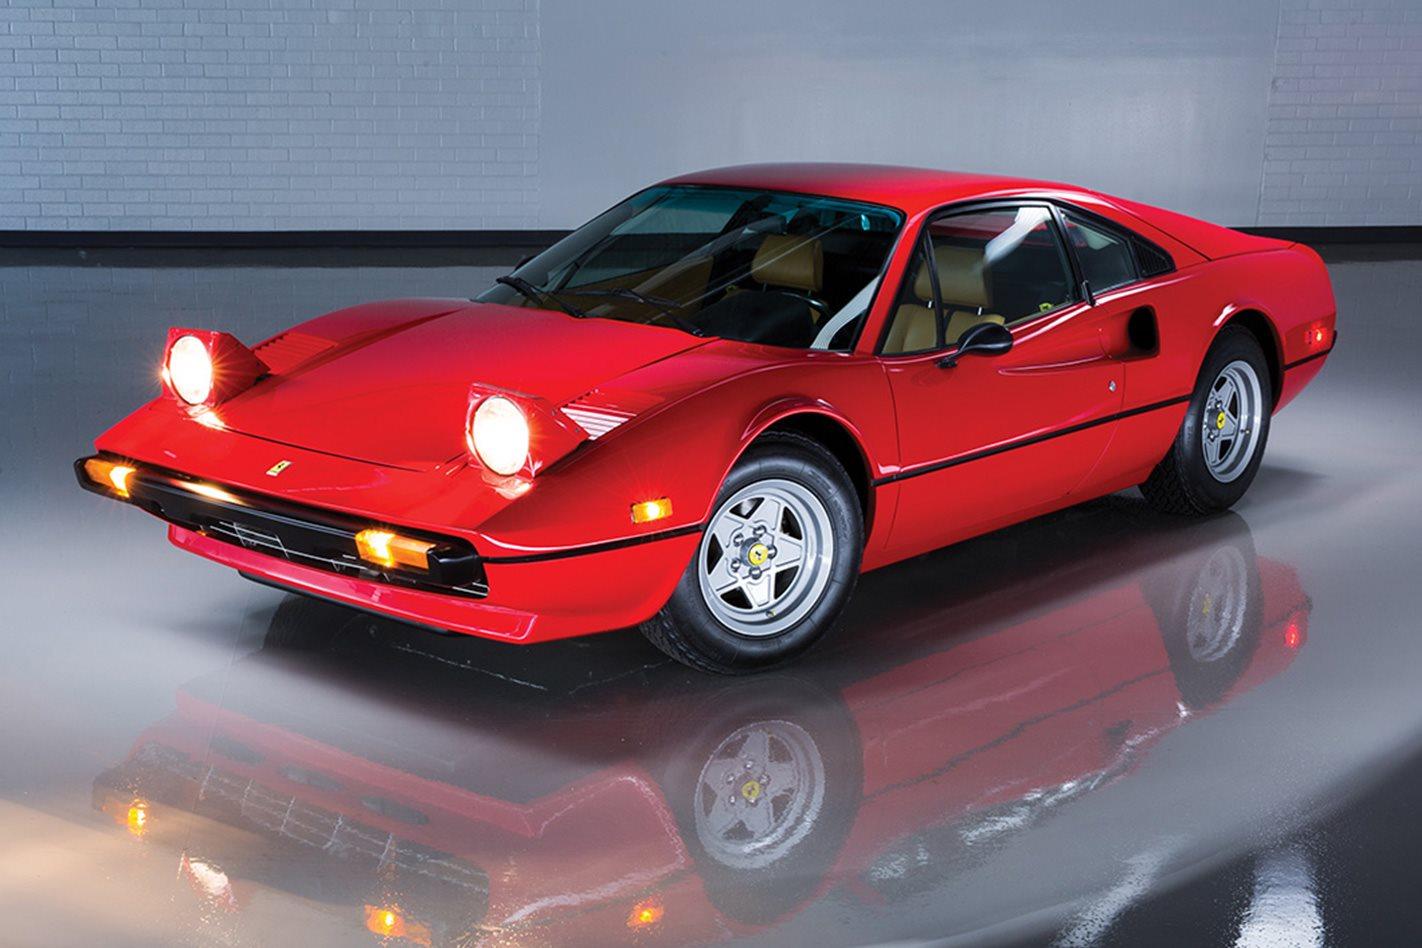 1976-Ferrari-308-GTB-front.jpg